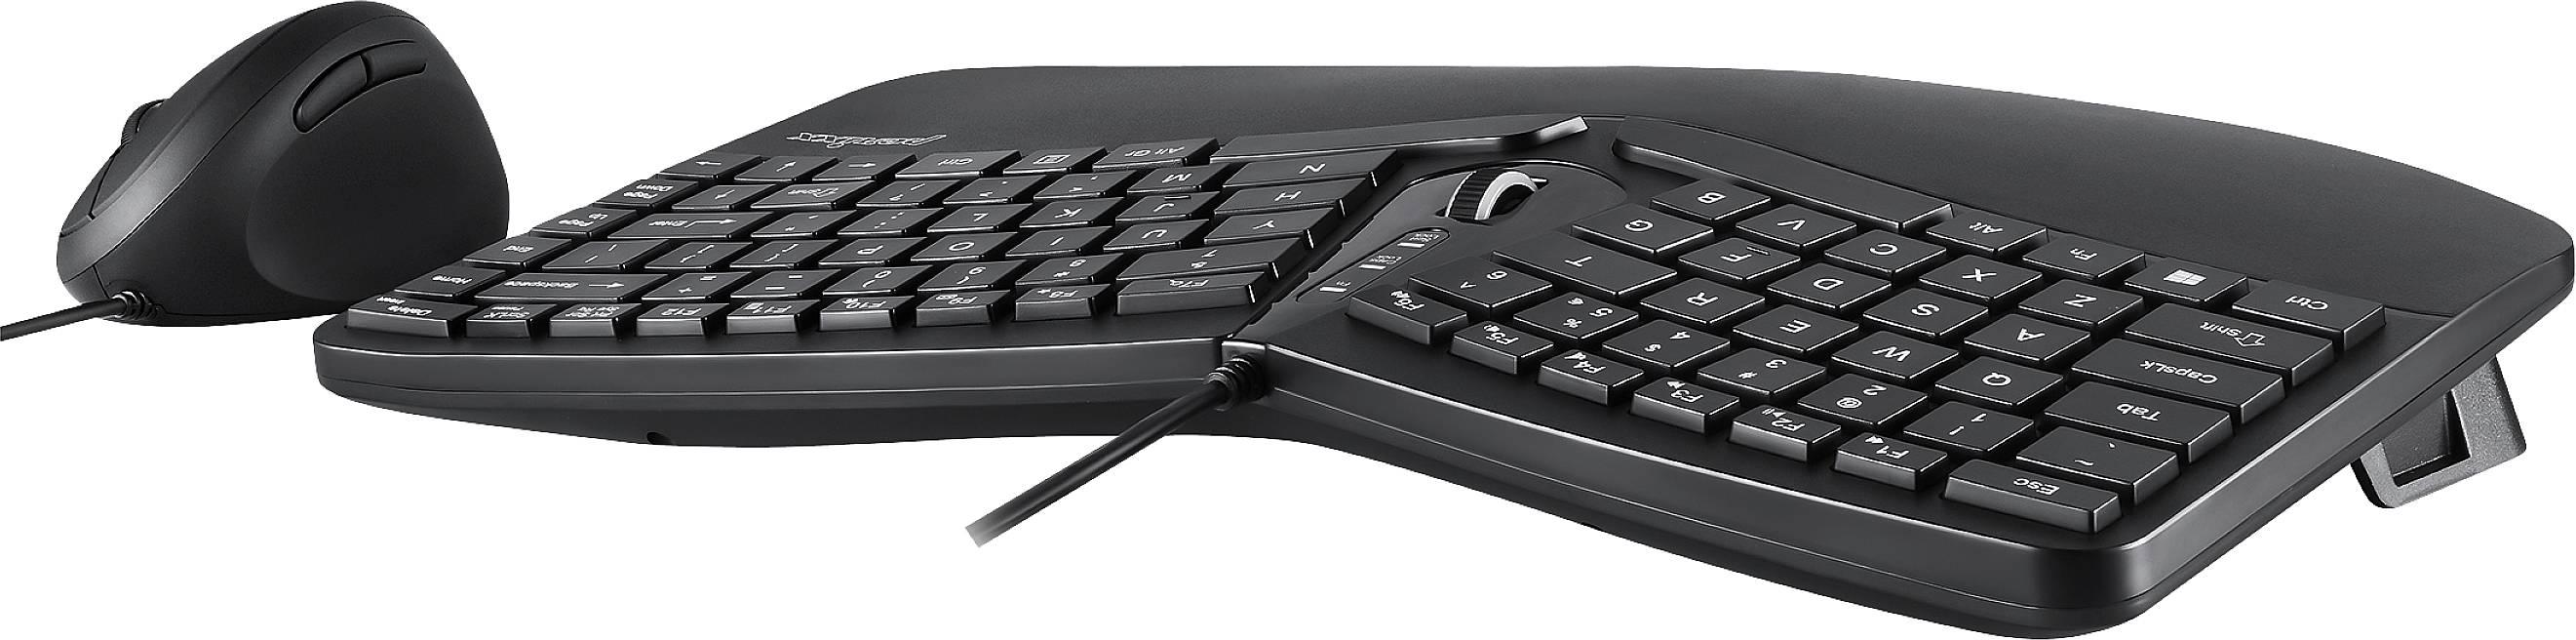 perixx periduo 406bde usb tastatur maus set deutsch qwertz windows schwarz ergonomisch handballenauflage multimedi